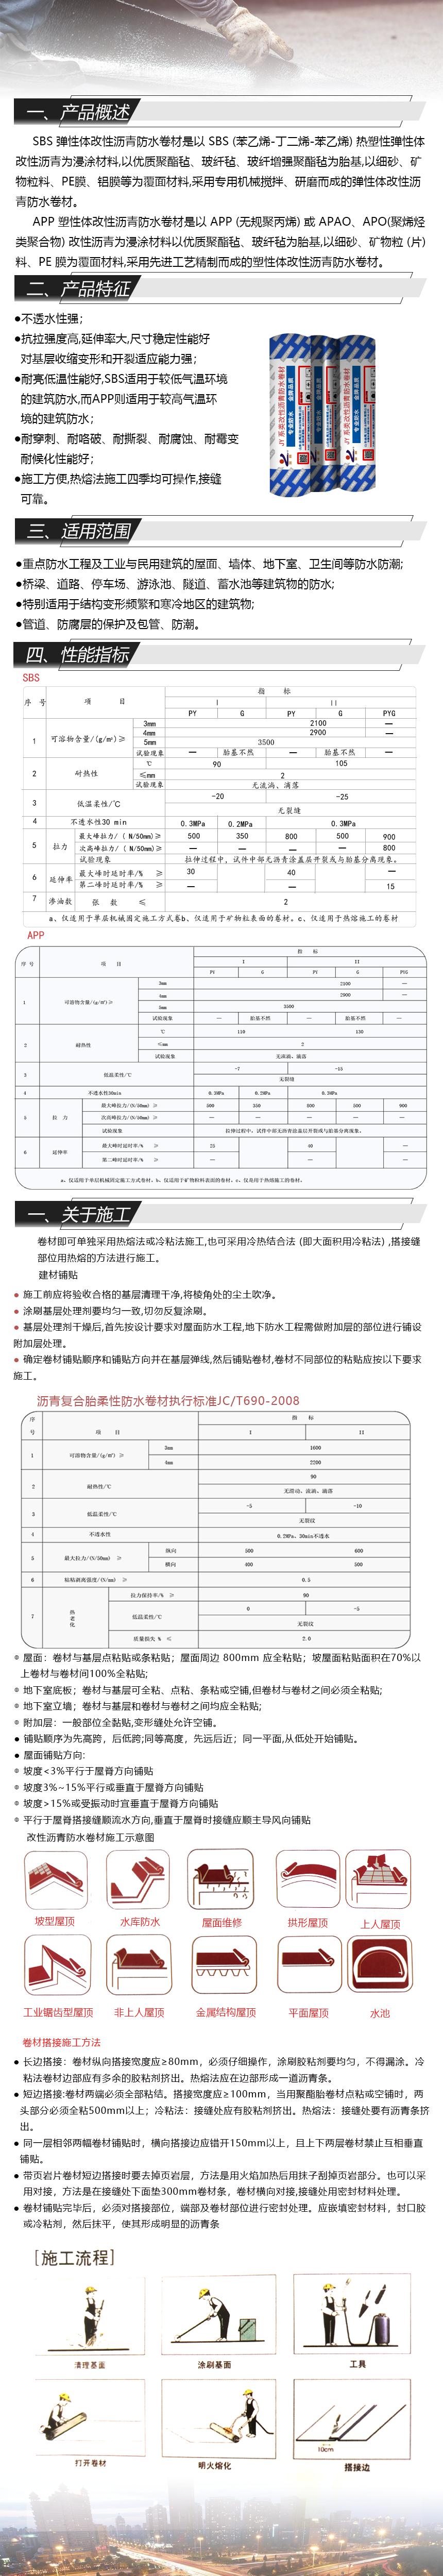 道桥用改性沥青防水涂料(14~17).png